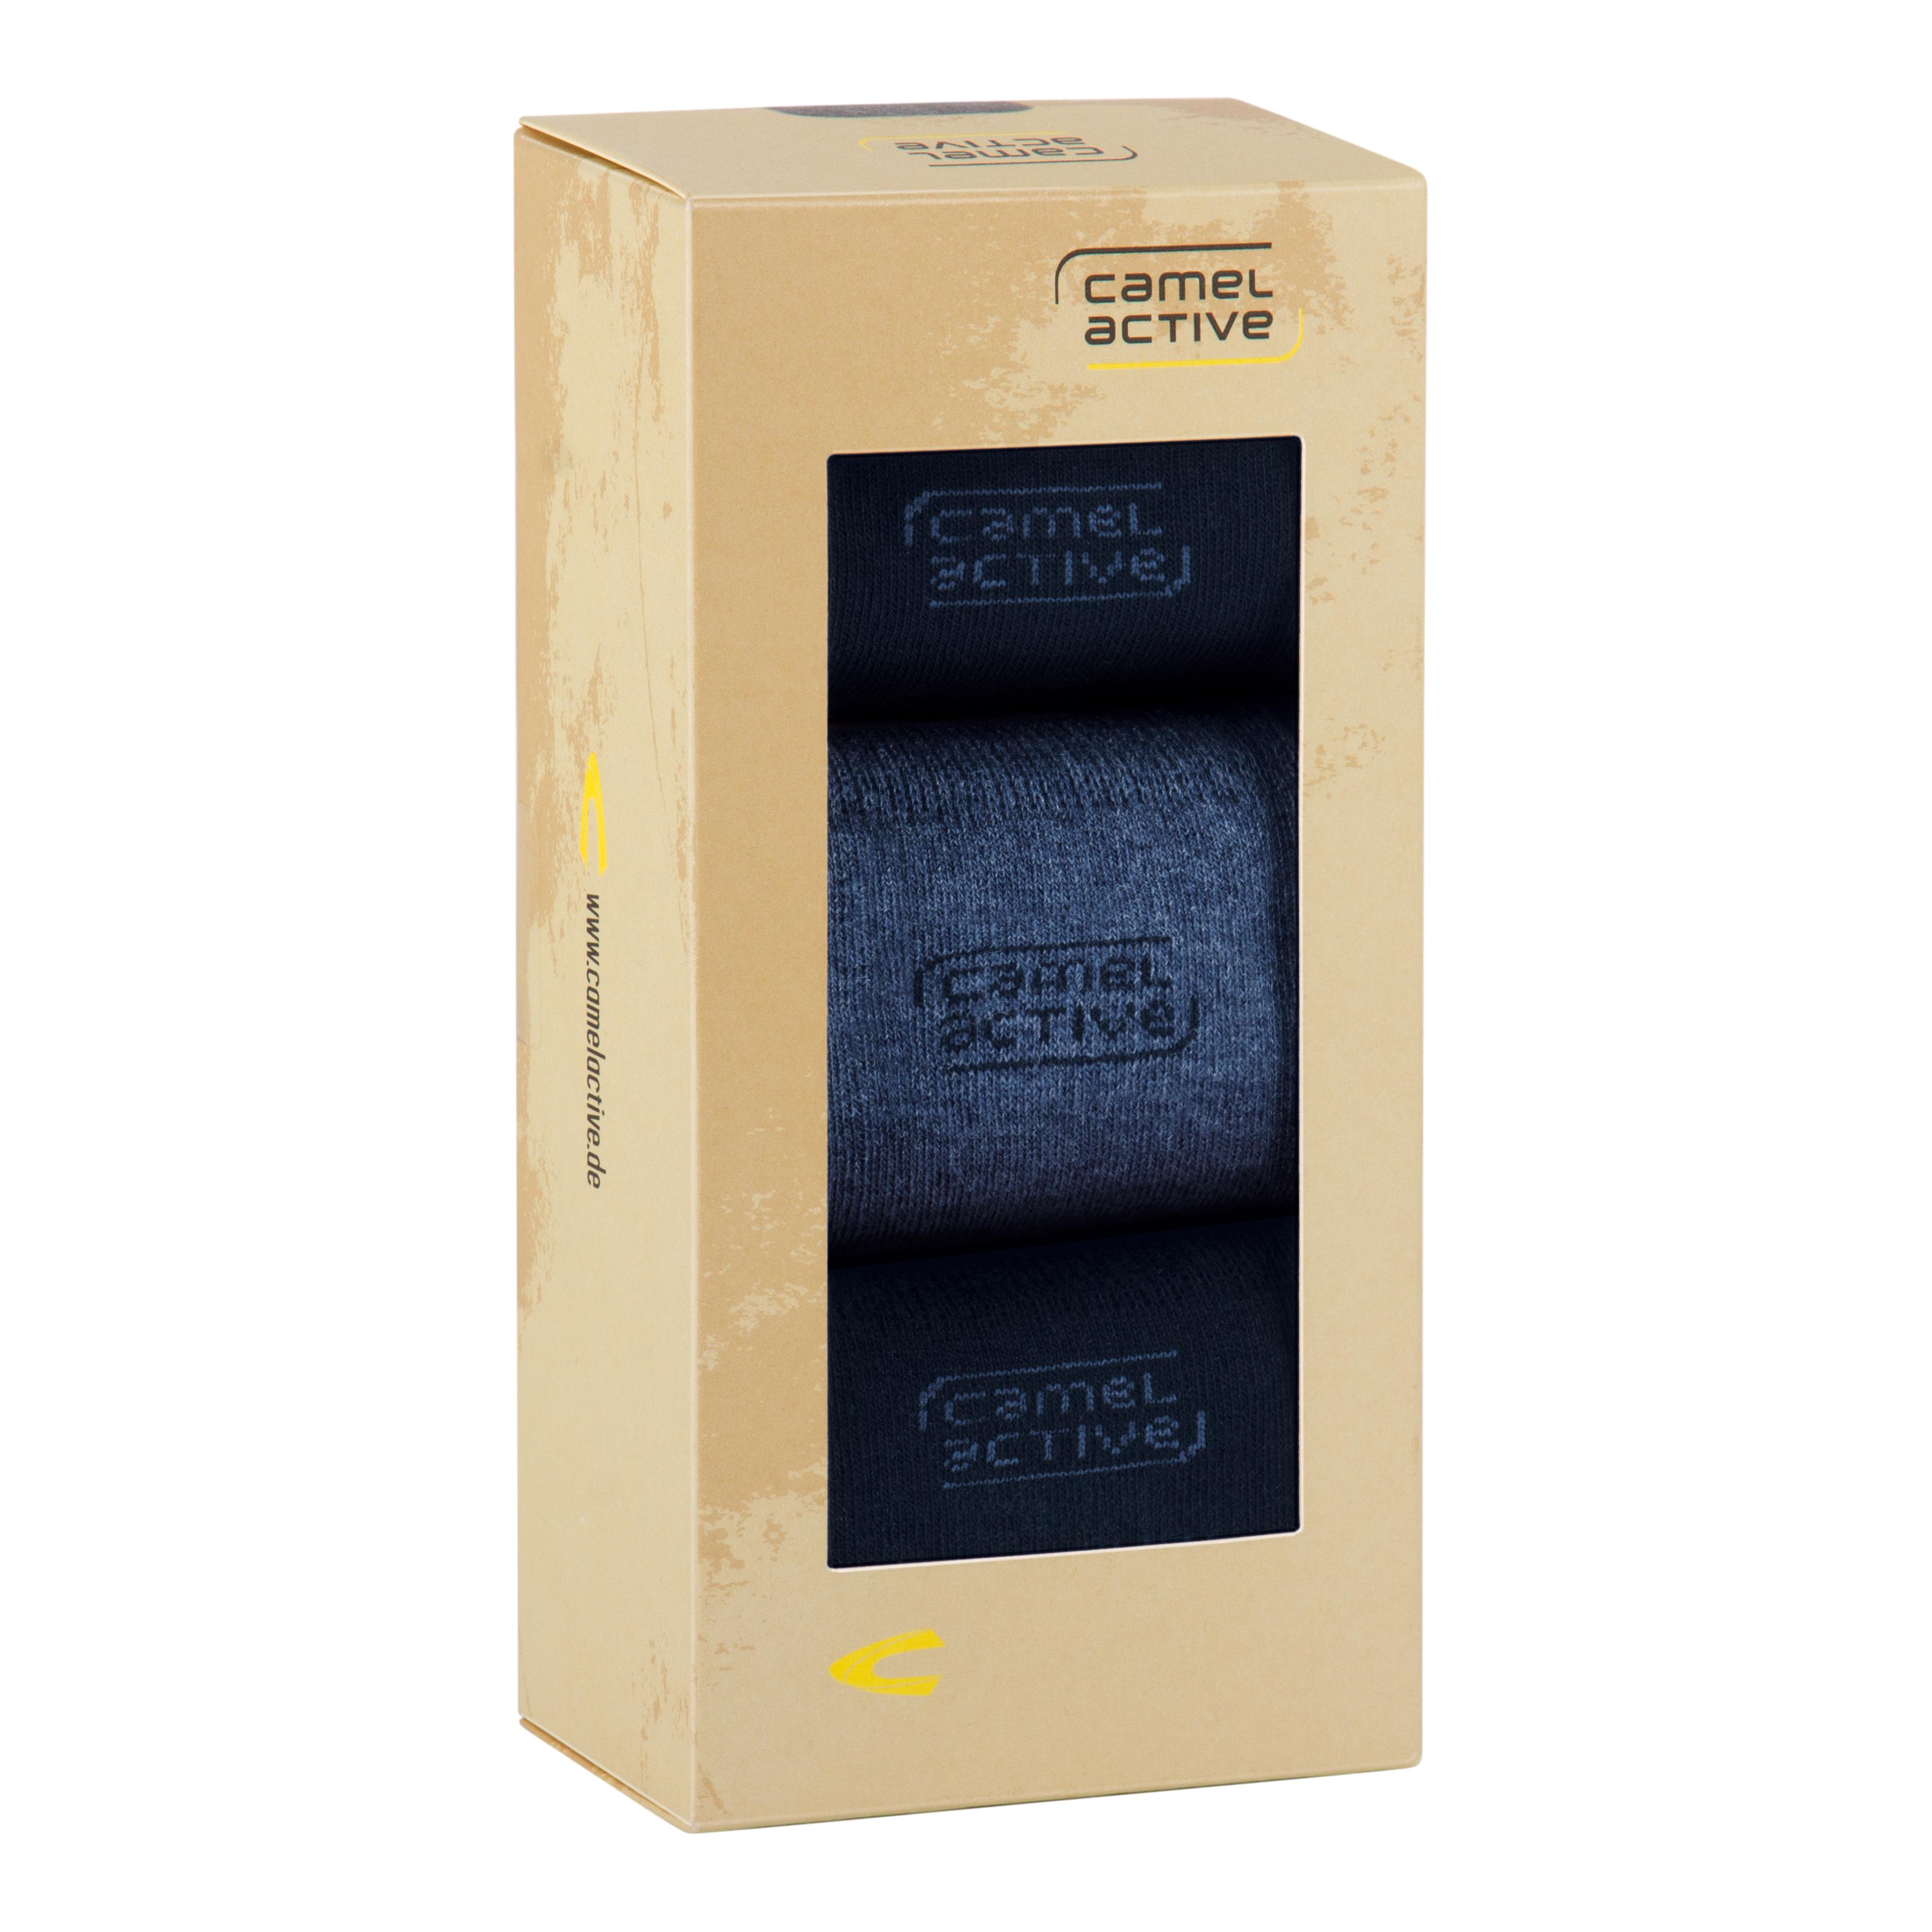 3-πακέτο κάλτσες σε κουτί